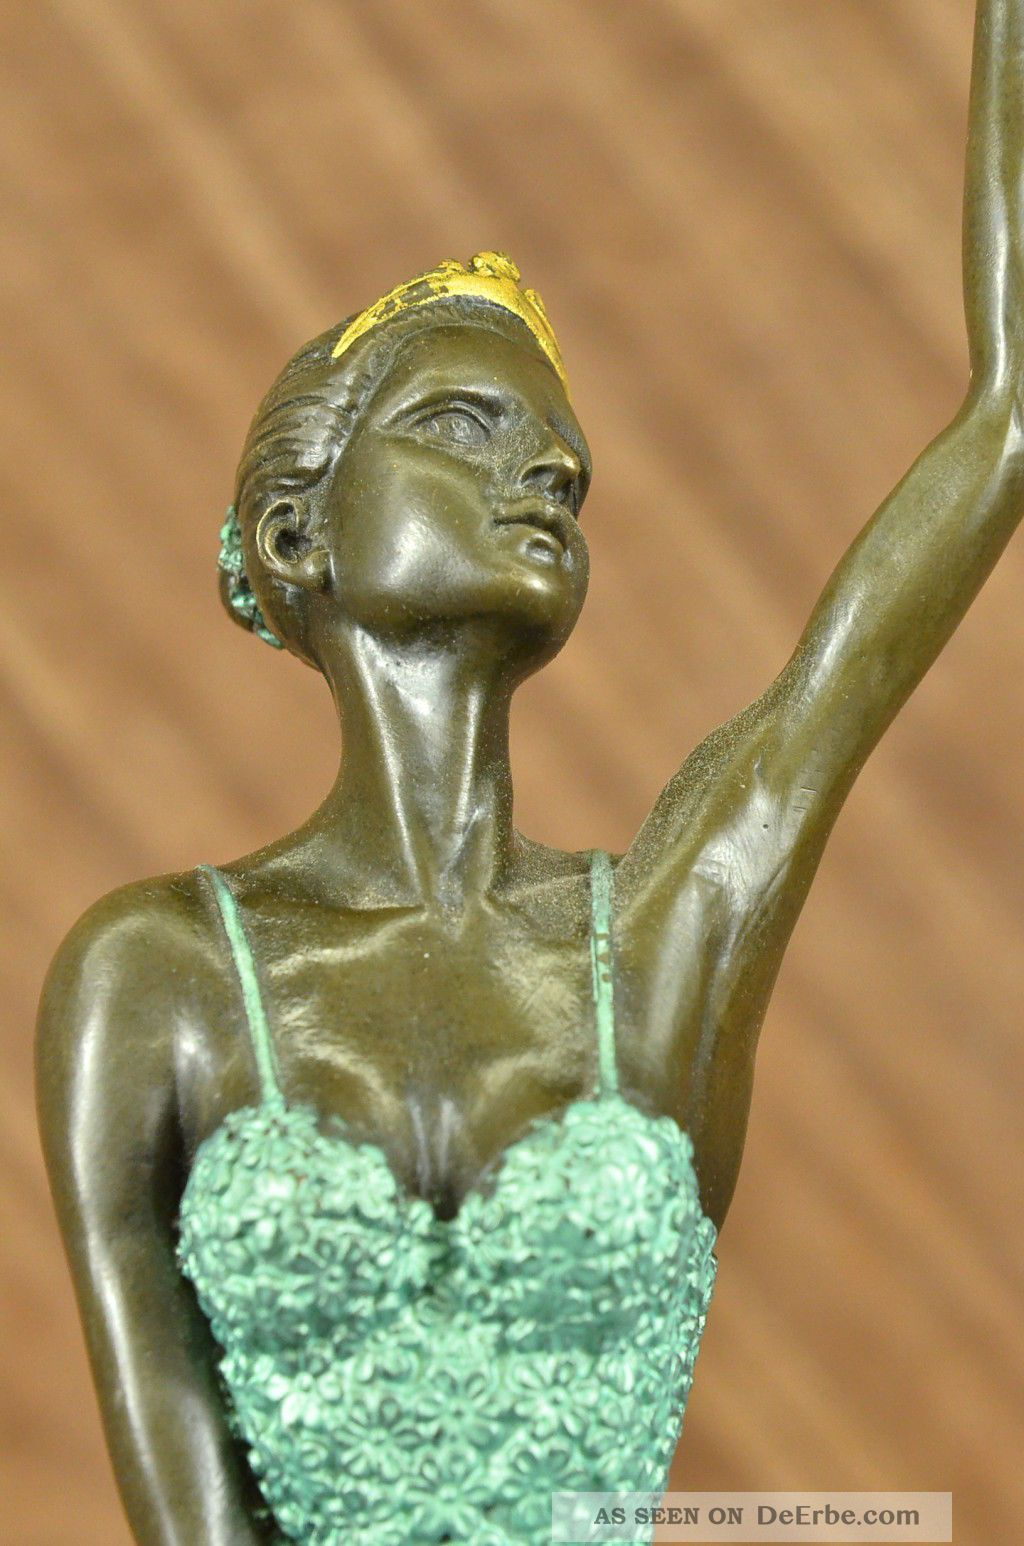 Bronzeplastik Schlange Zufriedenheit ist wunderschön Bronze sculpture snake